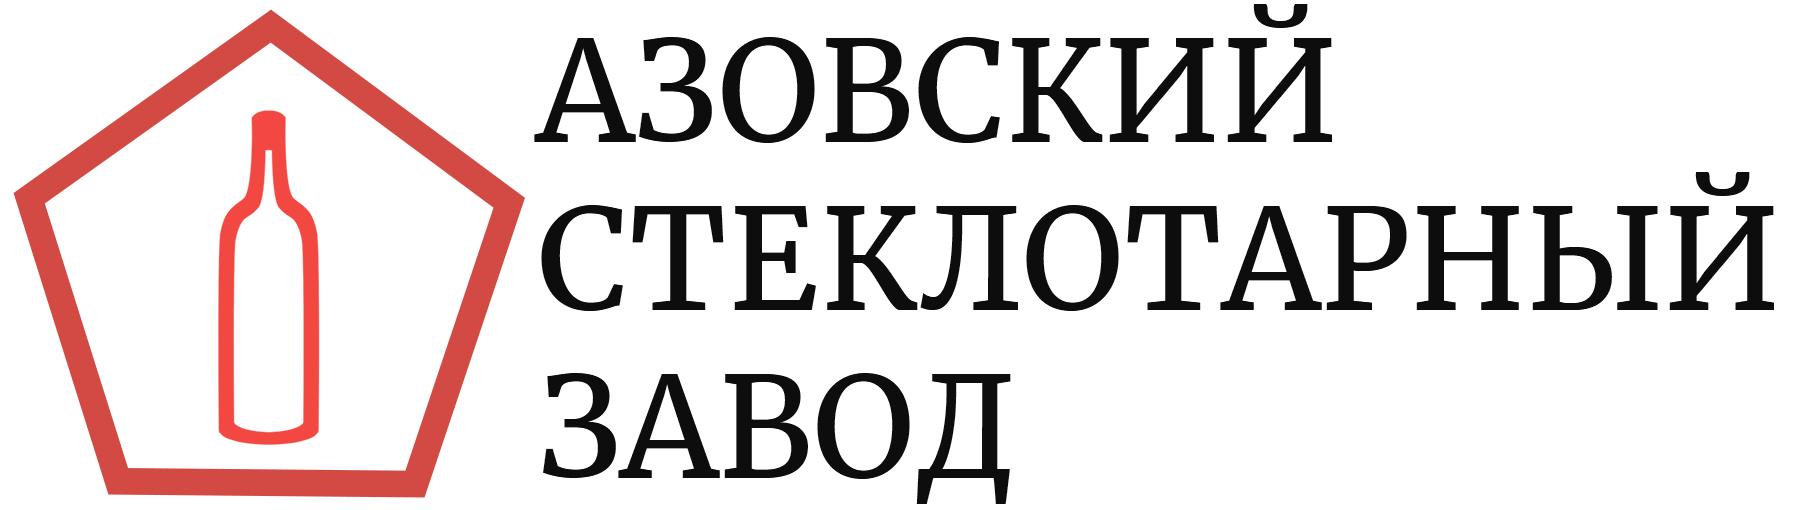 ООО «Азовский стеклотарный завод»